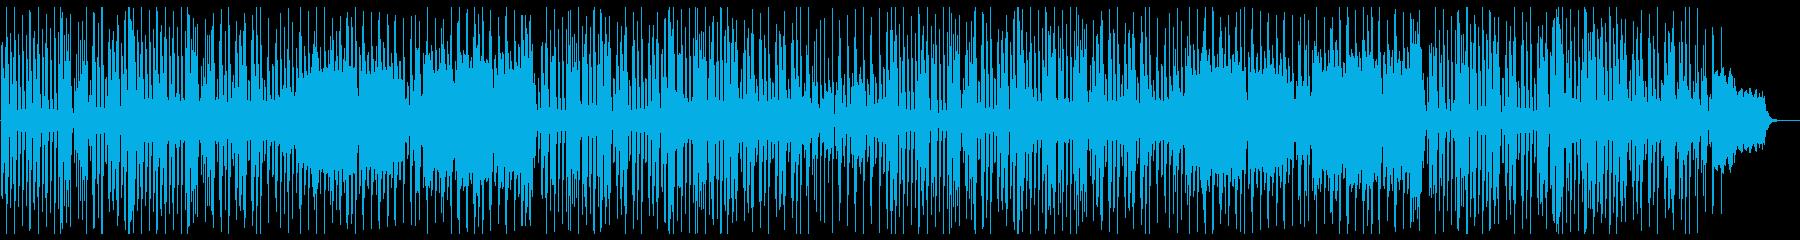 ちょっぴり切ない気分になれるお洒落な曲の再生済みの波形